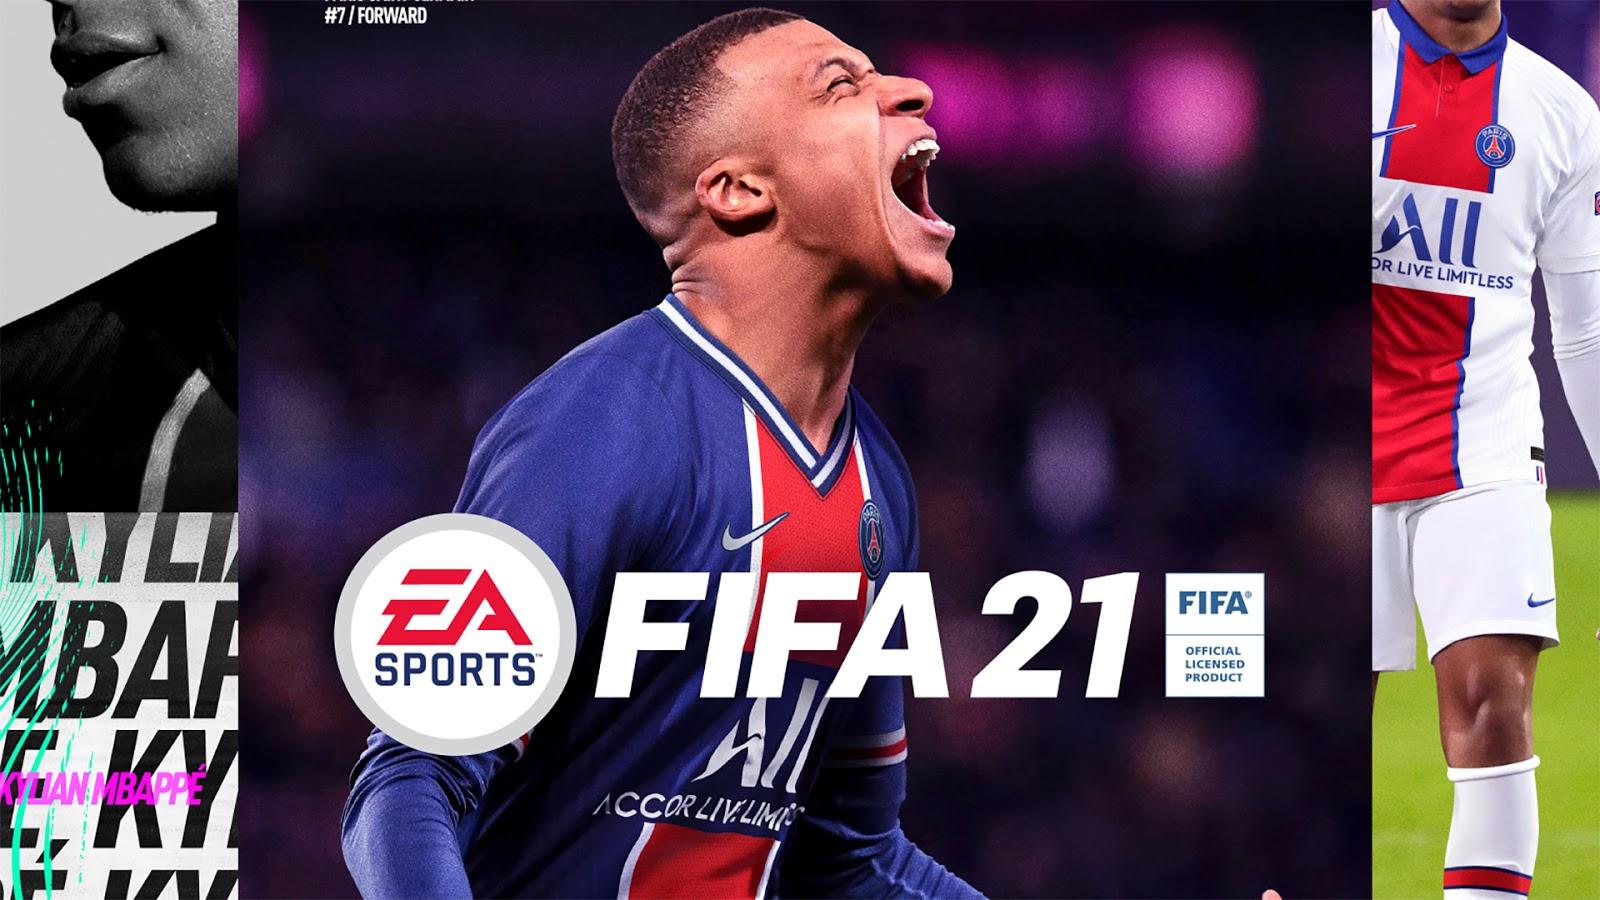 تعرف على المراجعة الكاملة لمعشوقة كرة القدم الشهيرة  FIFA 21